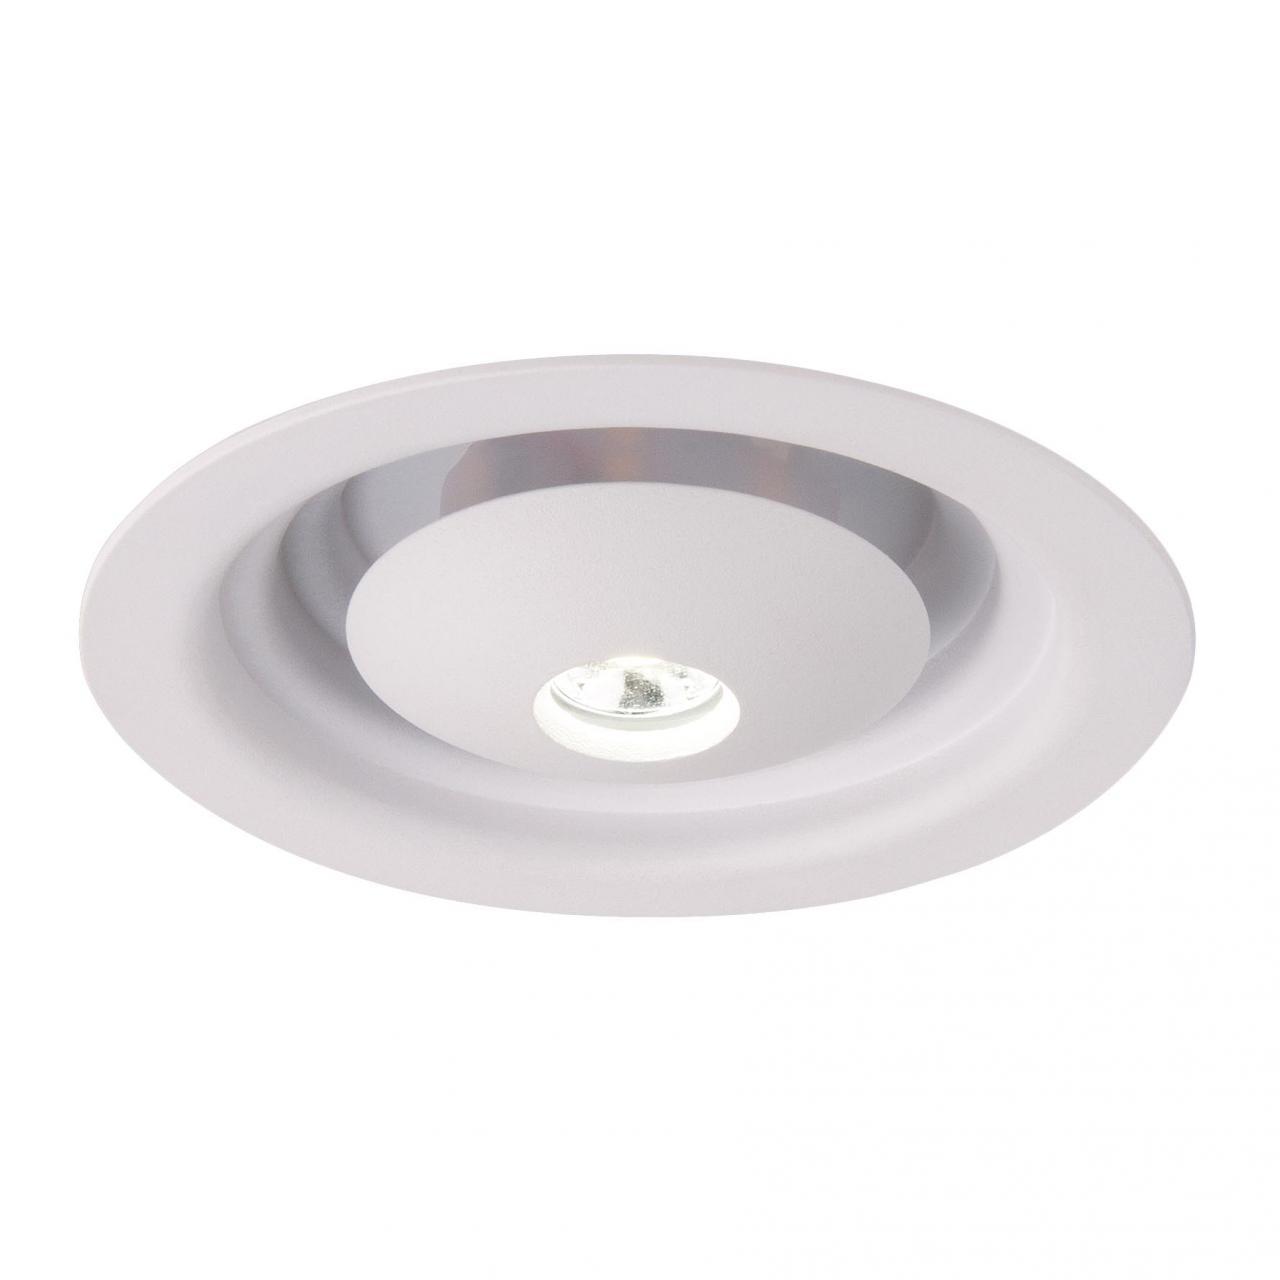 Встраиваемый светодиодный светильник Elektrostandard DSS004 4690389151361